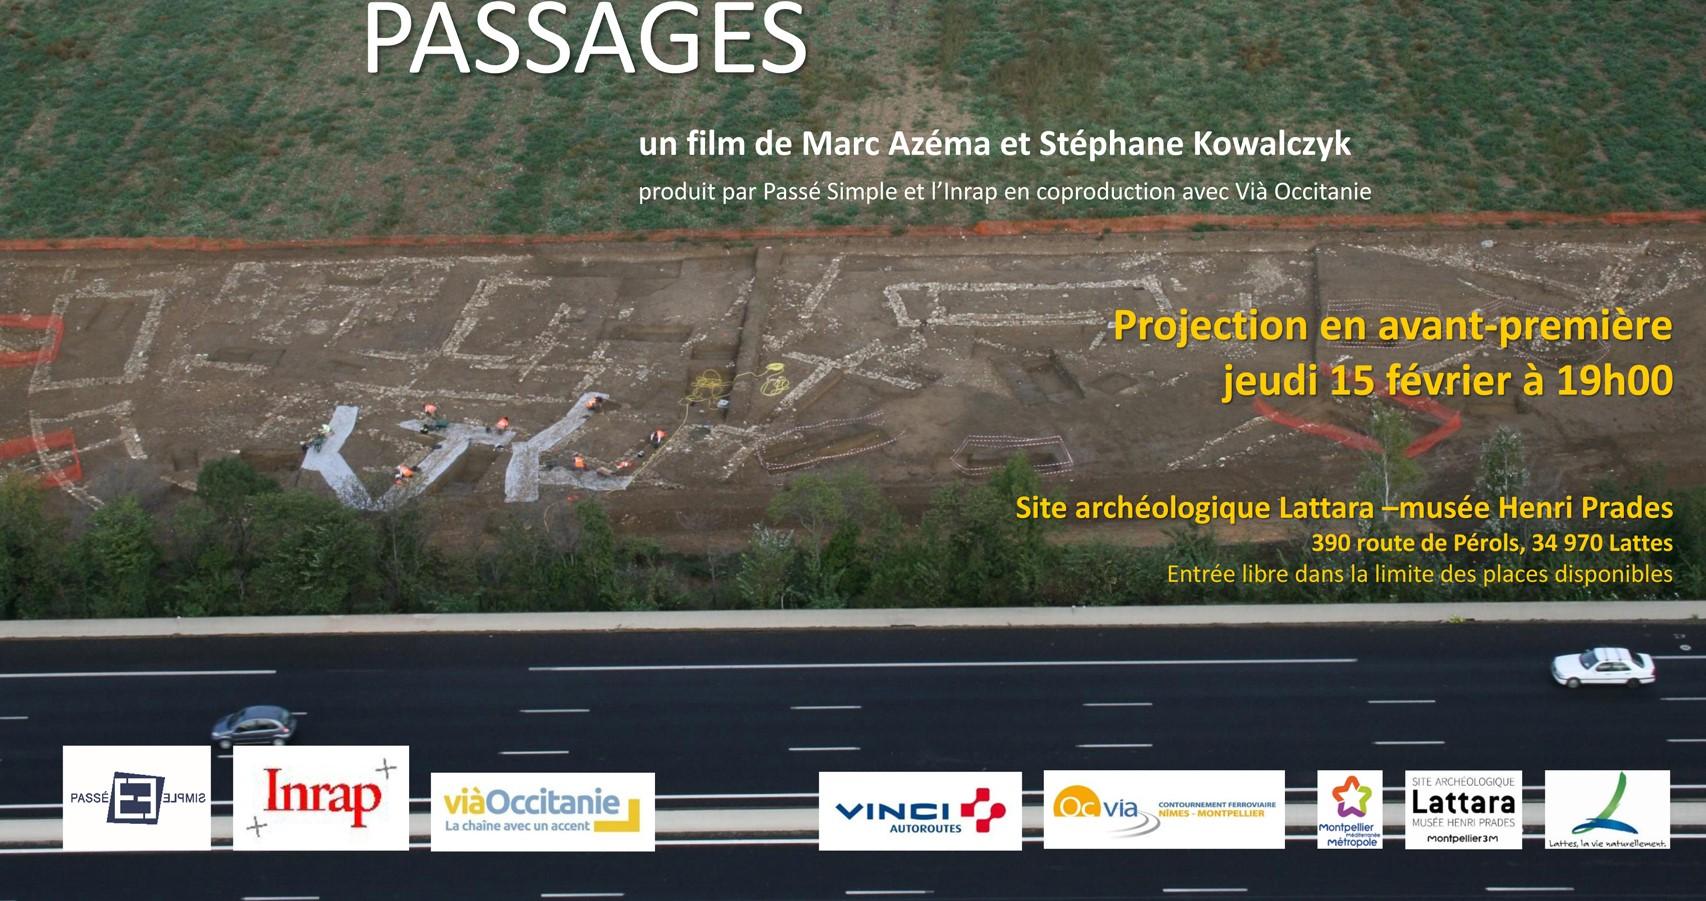 """Le film """"Passages"""" projeté en avant première au site Lattara le 15 février"""